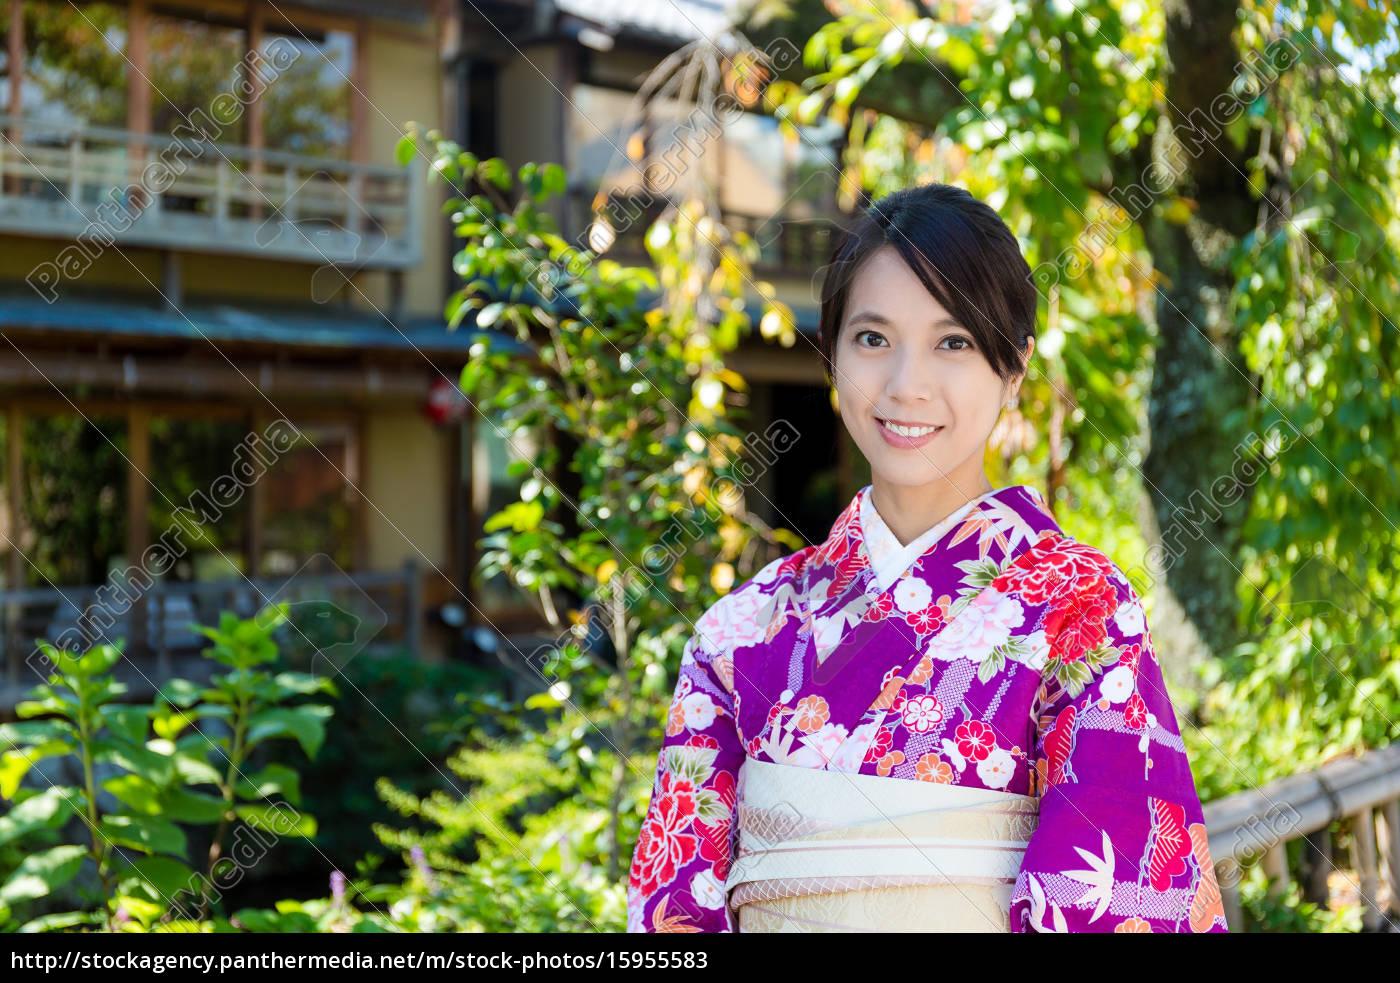 lizenzfreies bild 15955583 - asiatische frau traditionelle